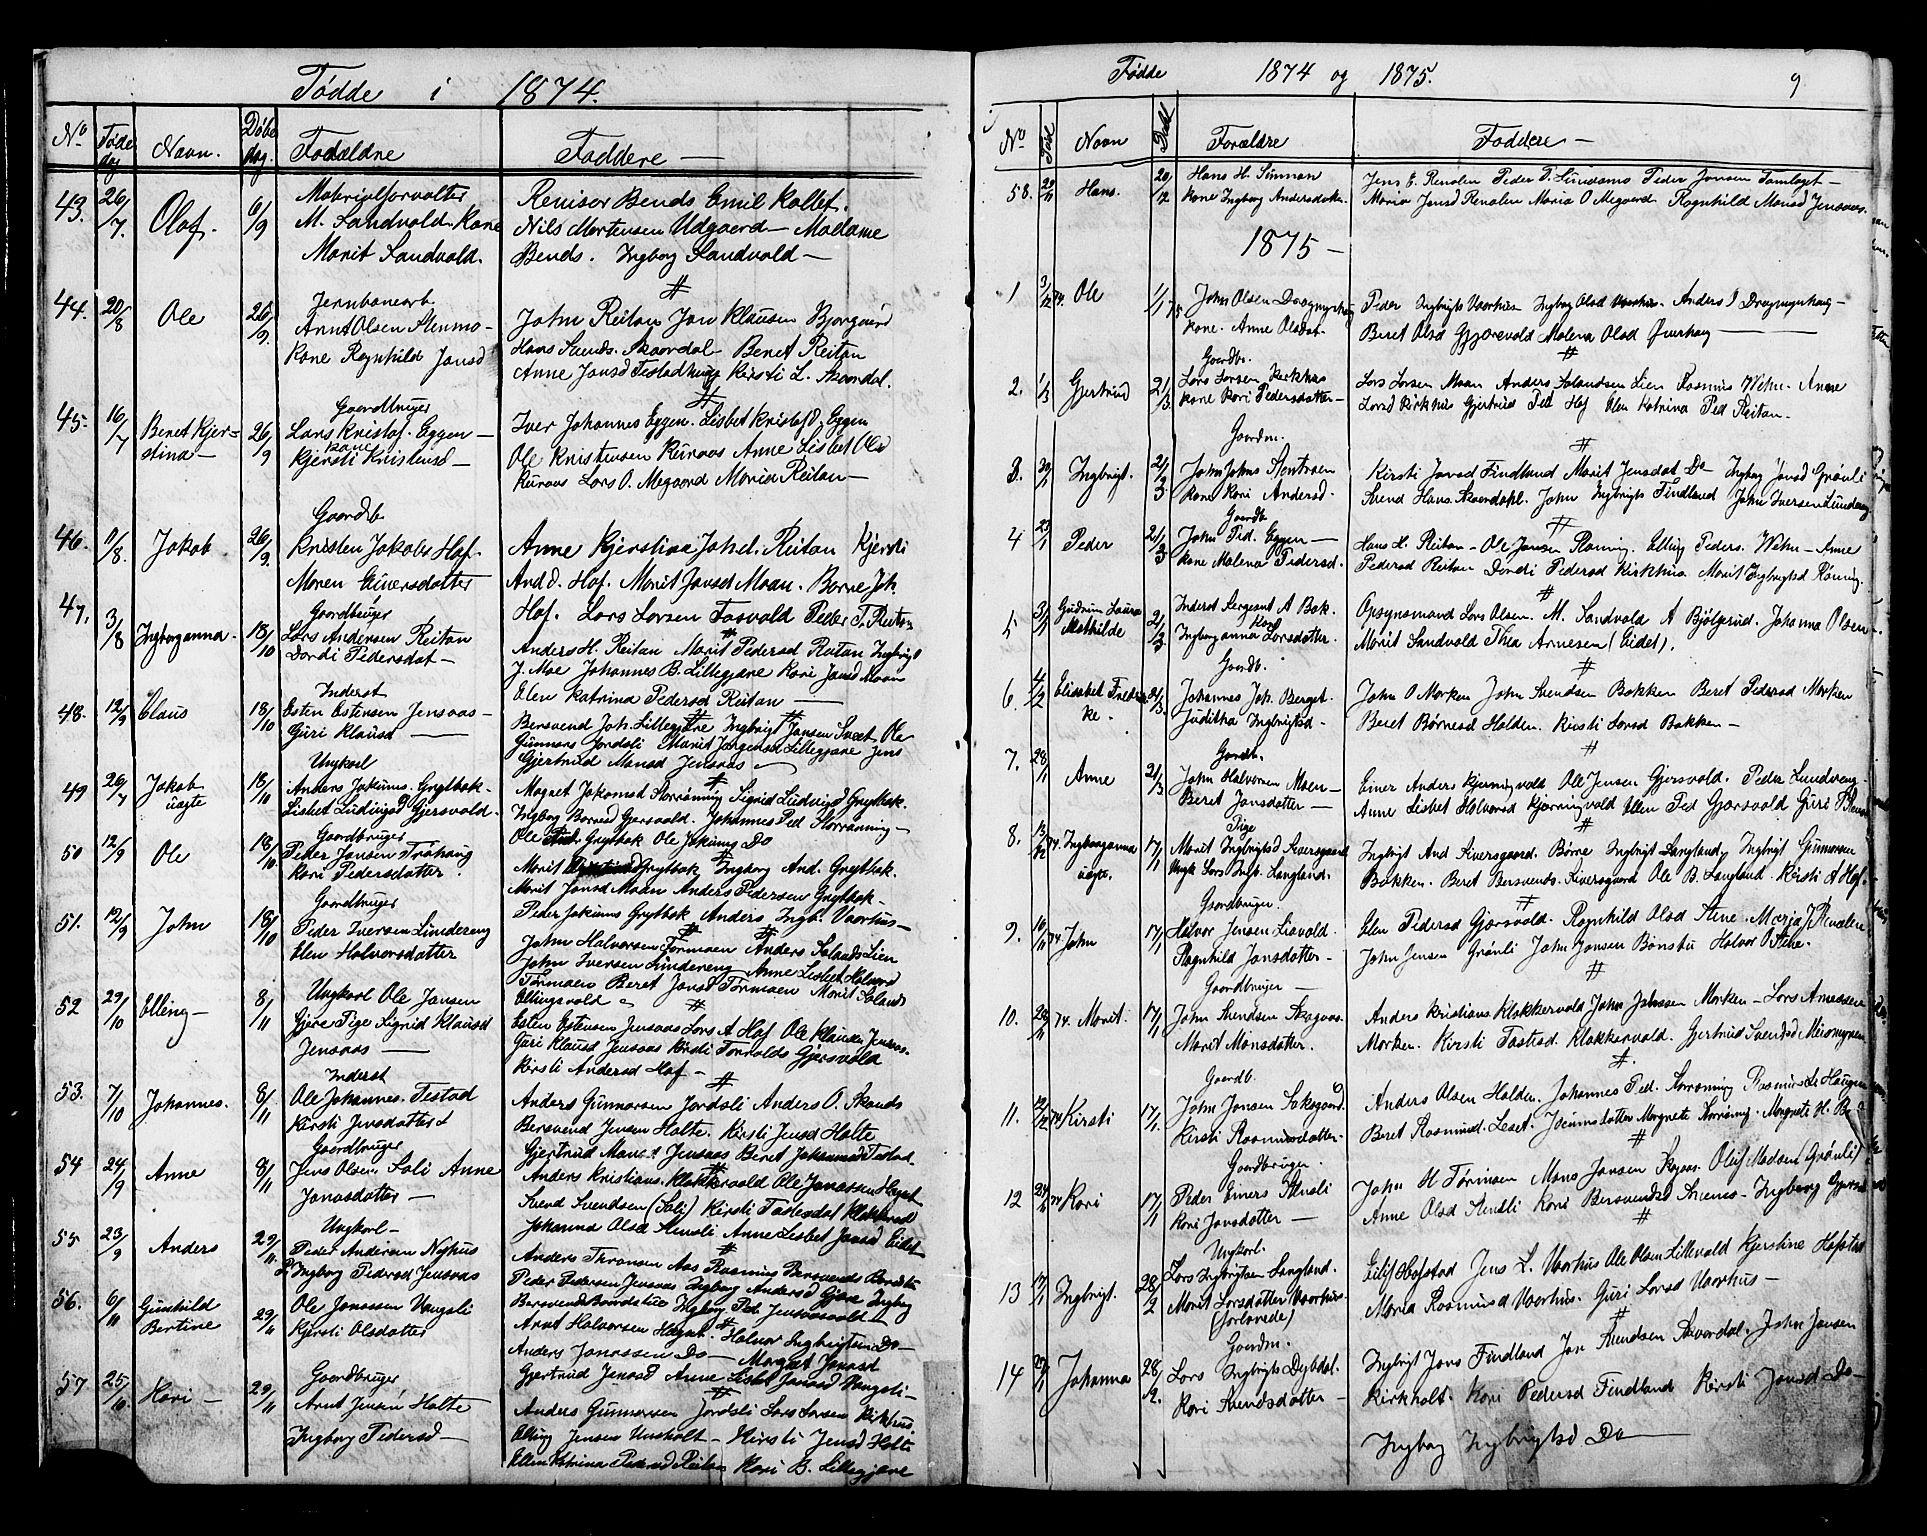 SAT, Ministerialprotokoller, klokkerbøker og fødselsregistre - Sør-Trøndelag, 686/L0985: Klokkerbok nr. 686C01, 1871-1933, s. 9